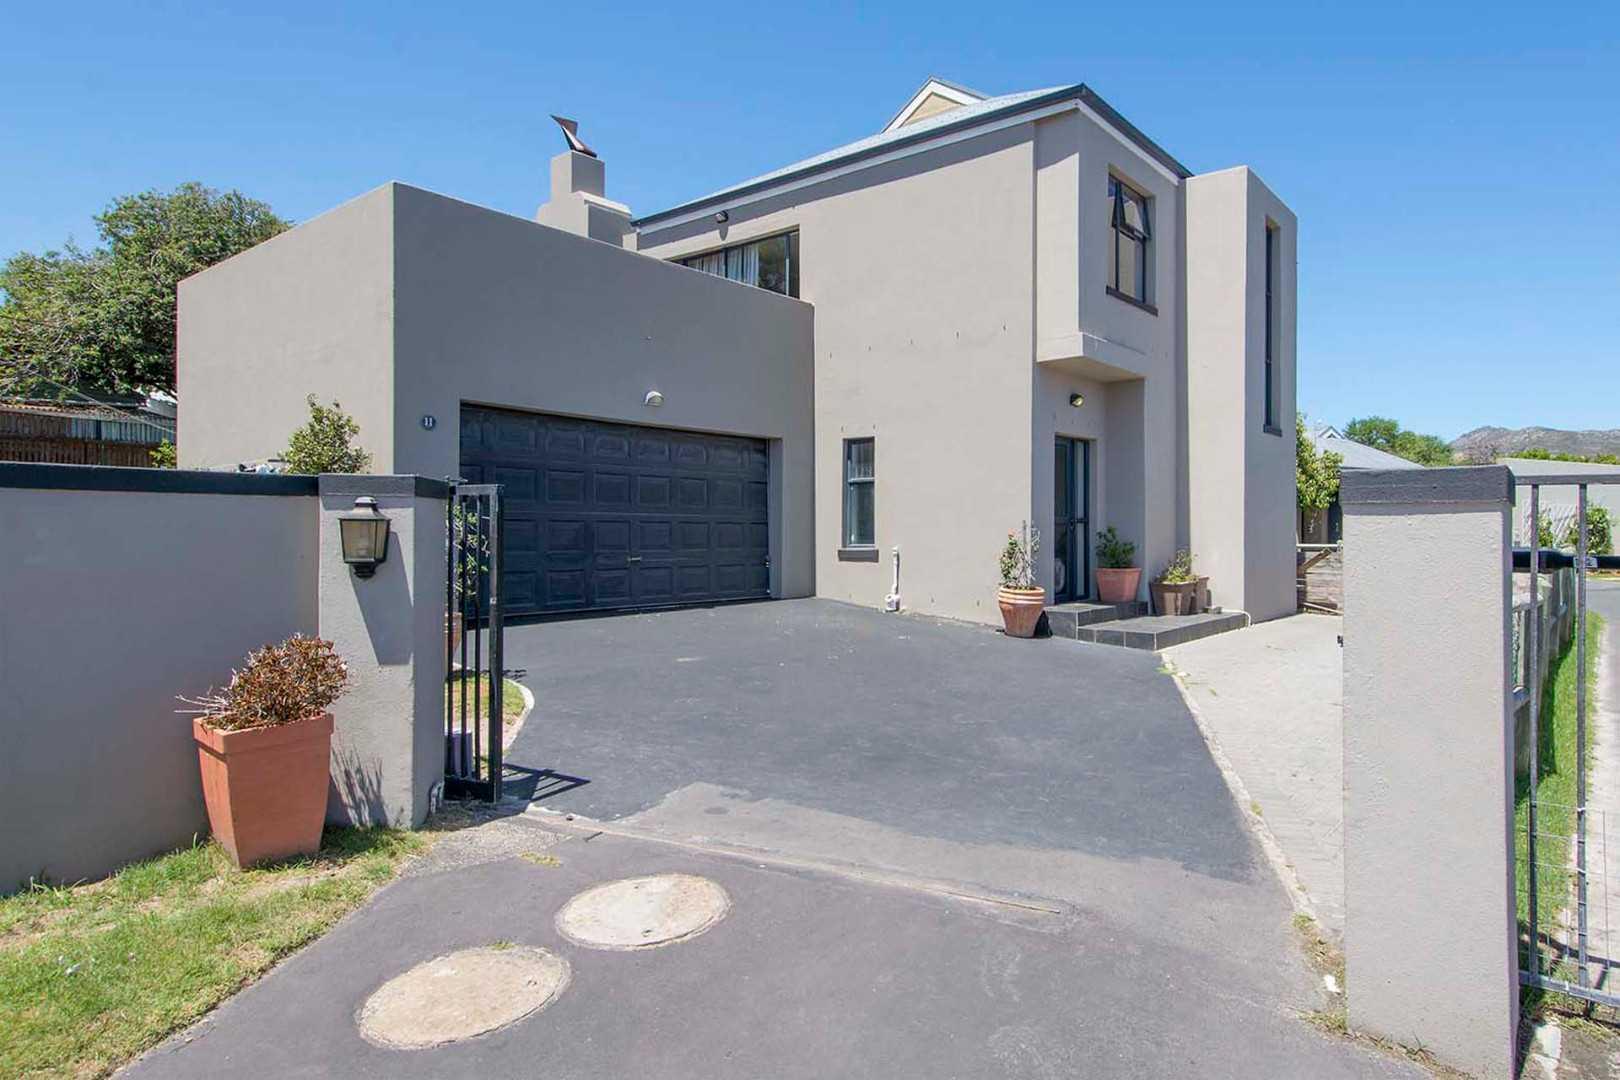 3 Bedroom House For Sale In Noordhoek